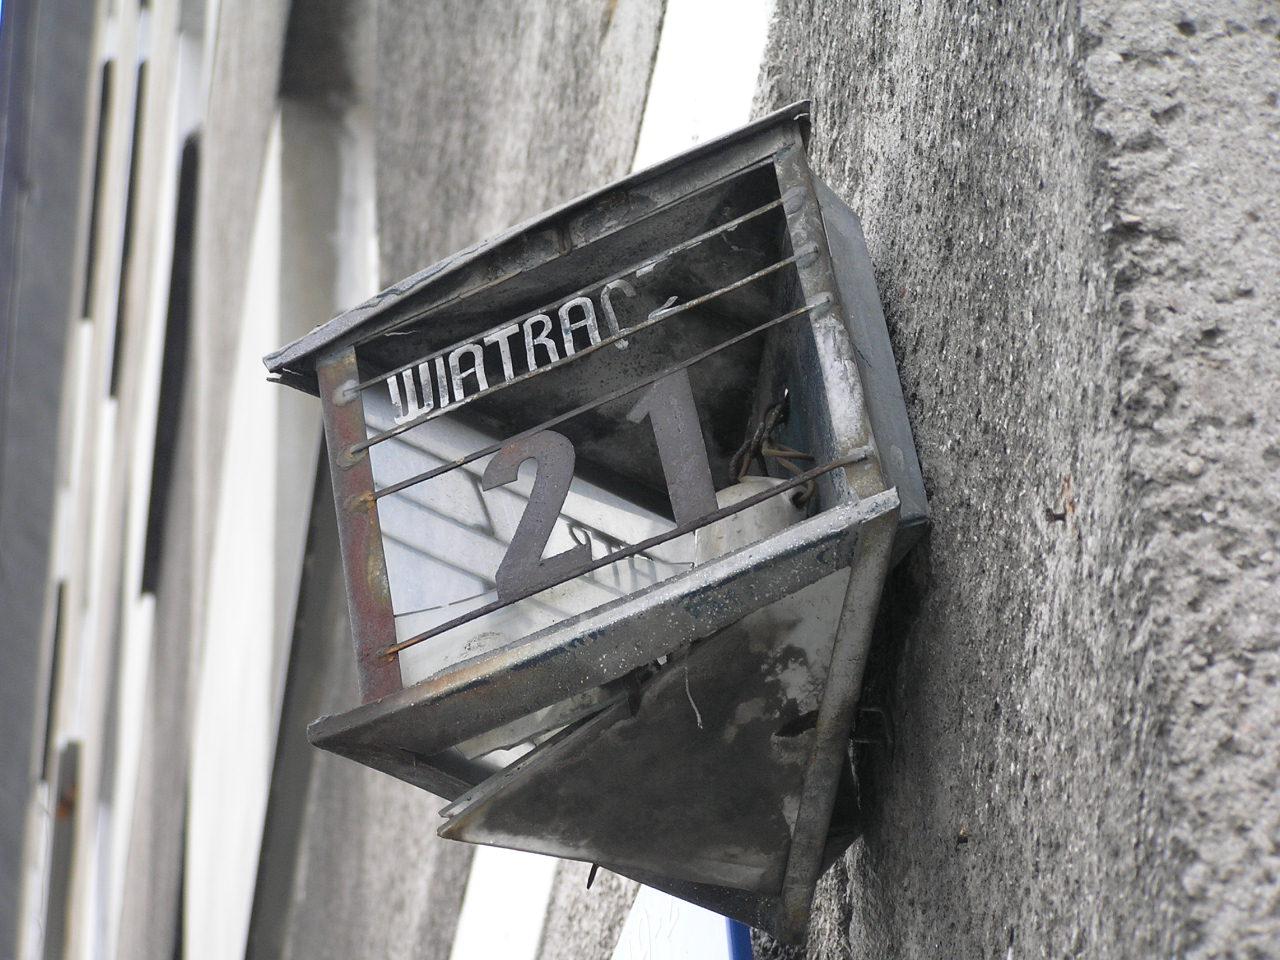 Latarenka adresowa przy ulicy Wiatracznej 21 na Grochowie